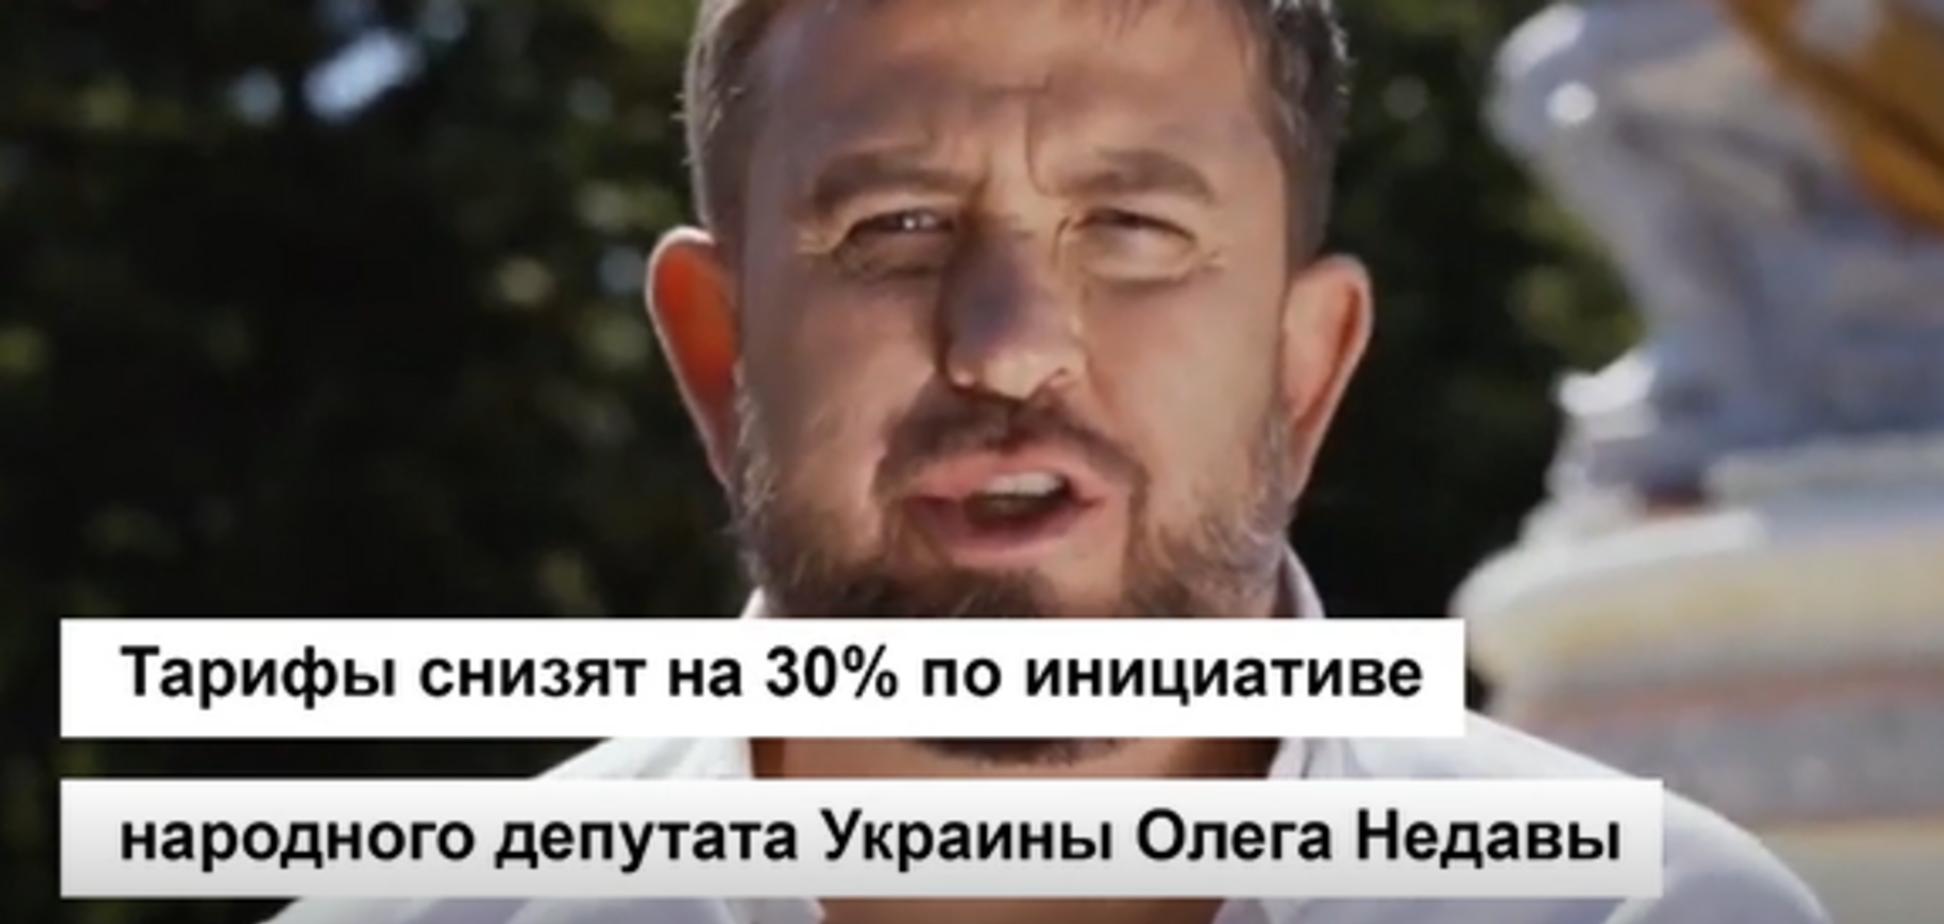 Для Донбасса установят льготную коммуналку: Недава планирует снизить тарифы на 30%